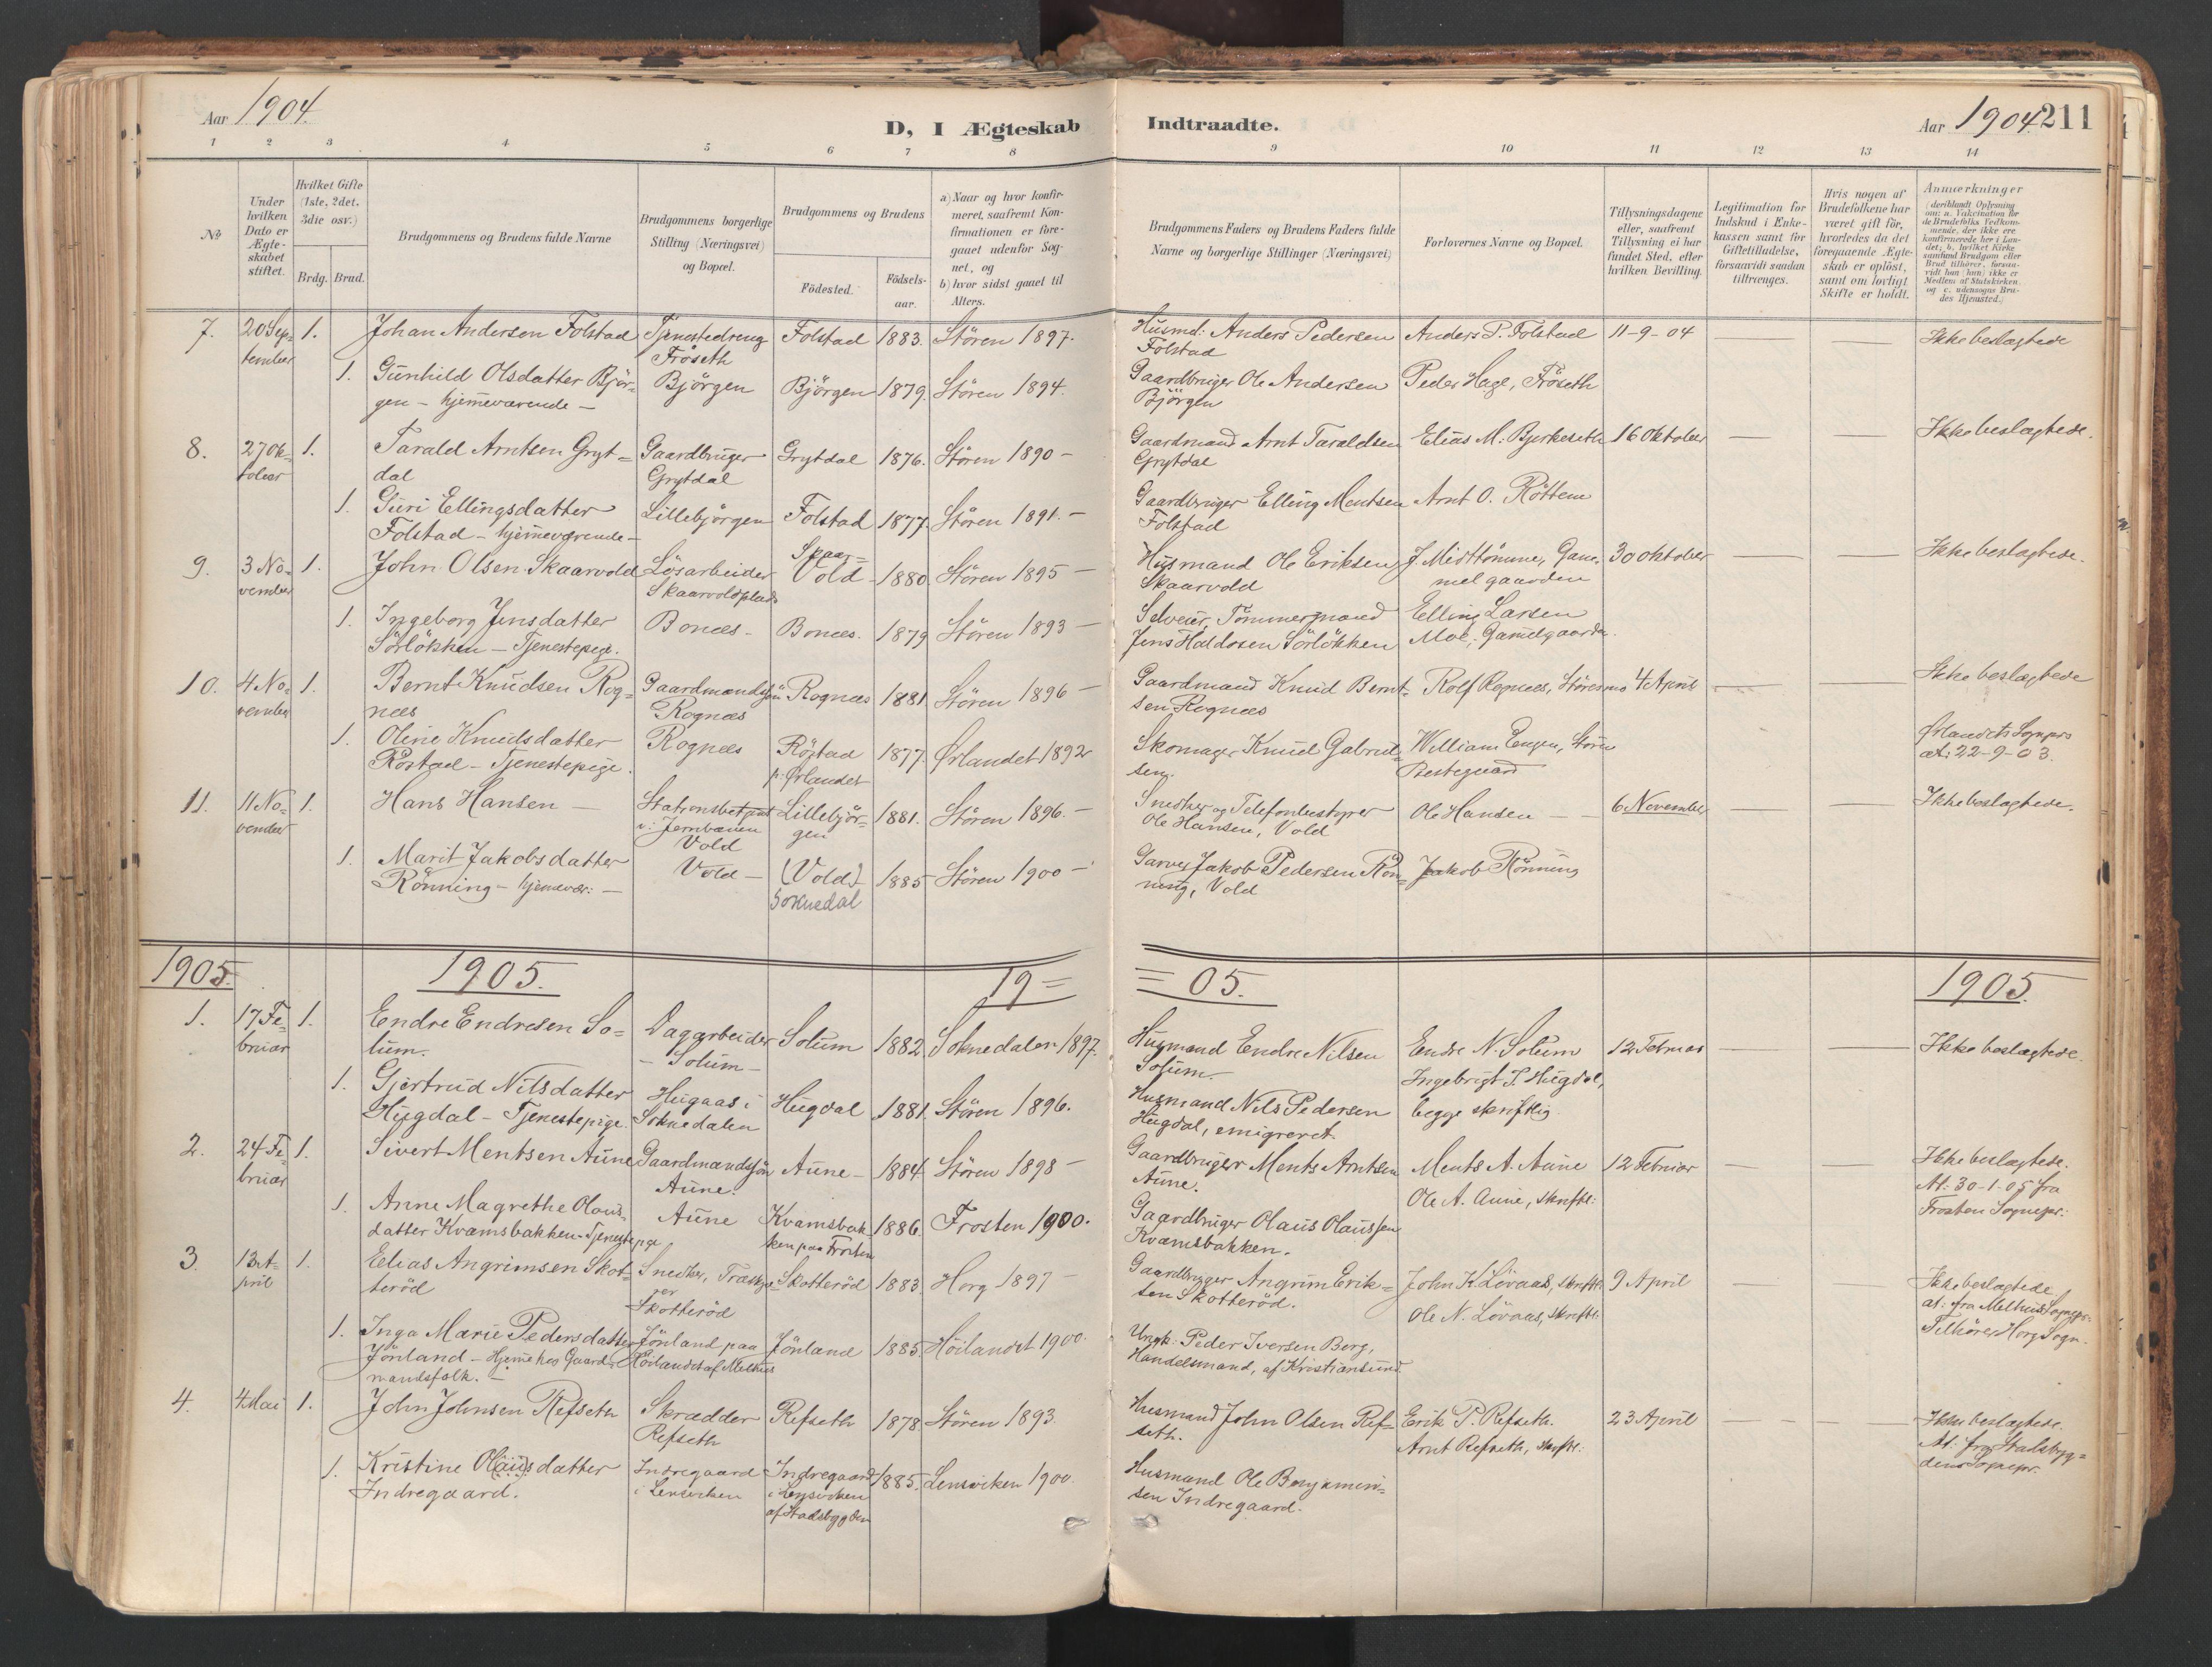 SAT, Ministerialprotokoller, klokkerbøker og fødselsregistre - Sør-Trøndelag, 687/L1004: Ministerialbok nr. 687A10, 1891-1923, s. 211